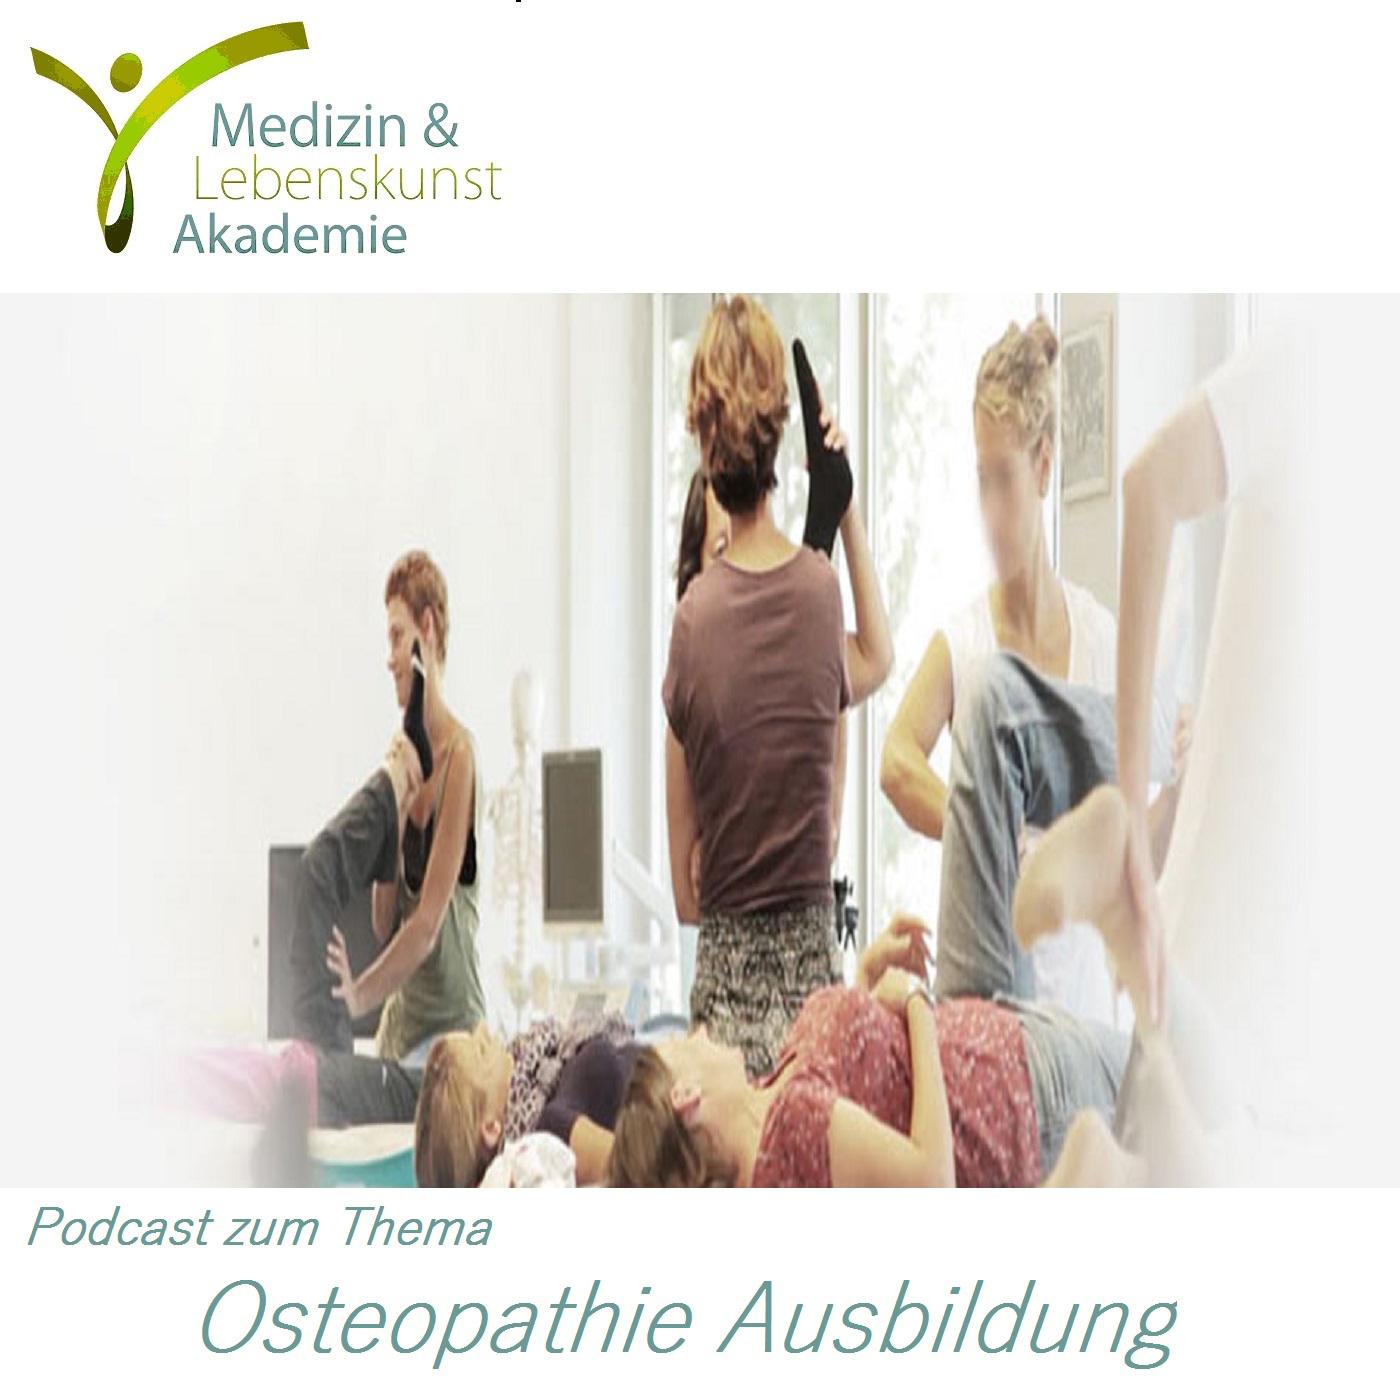 Der Osteopathie Ausbildung Podcast